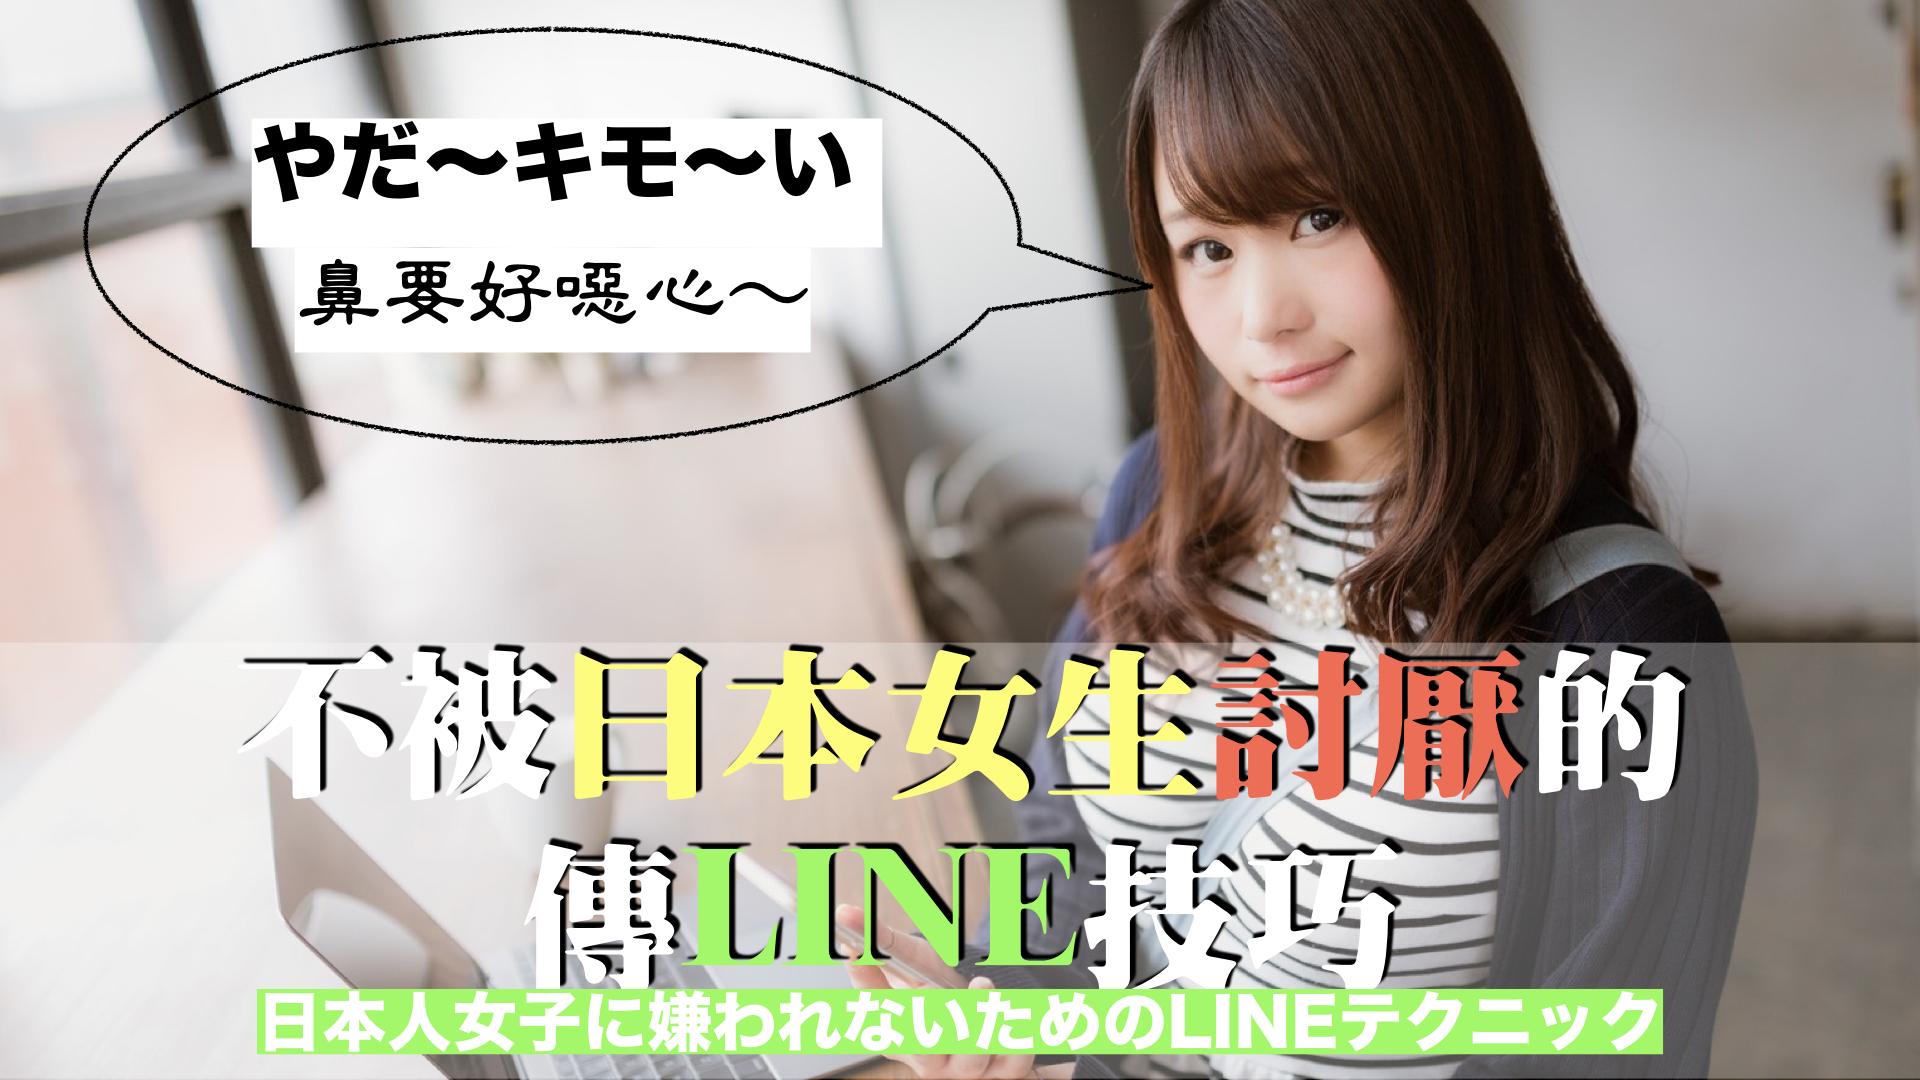 不被日本女生討厭的傳LINE技巧/日本人女子に嫌われないためのLINEテクニック